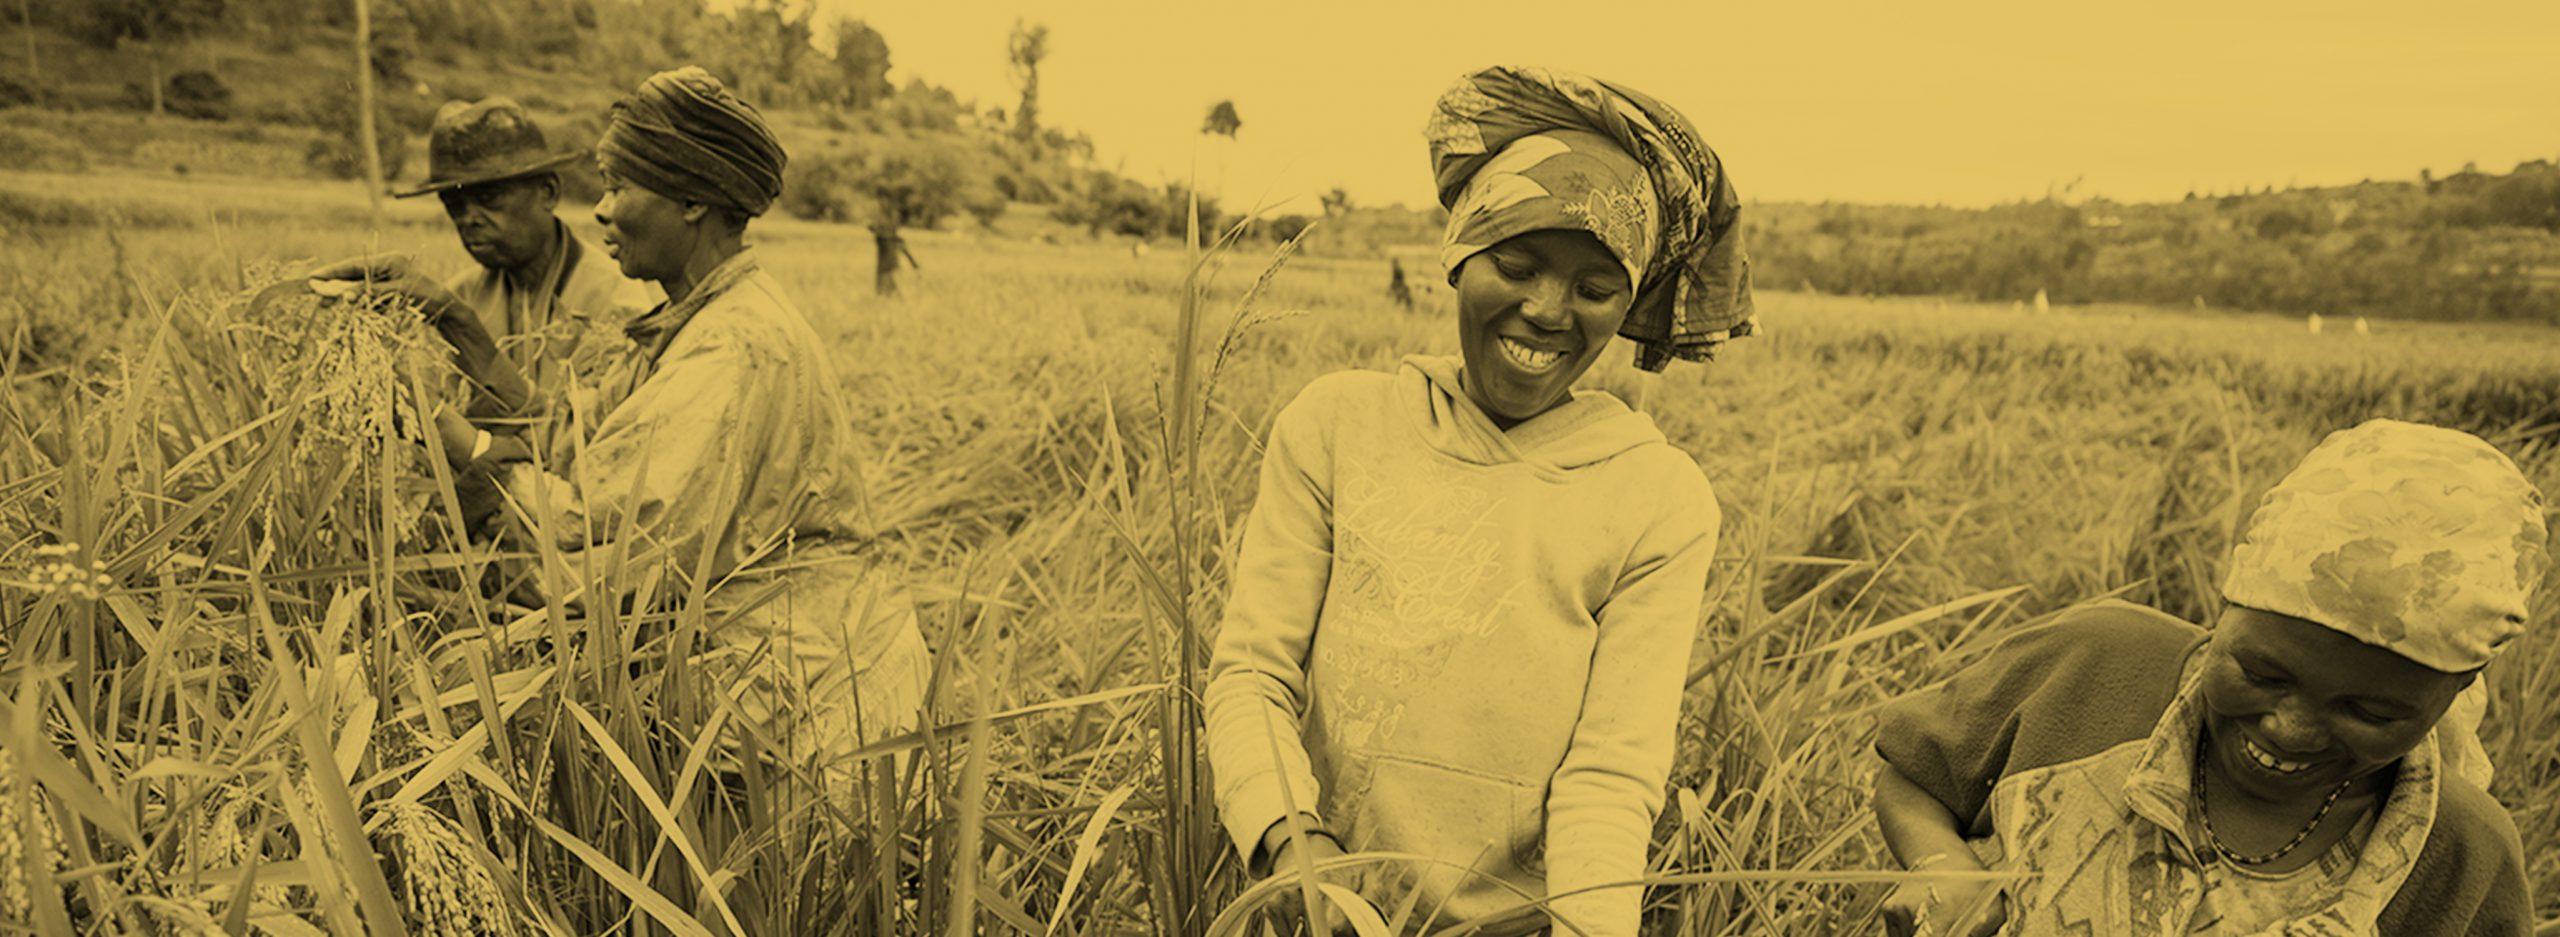 Agriculture Focus